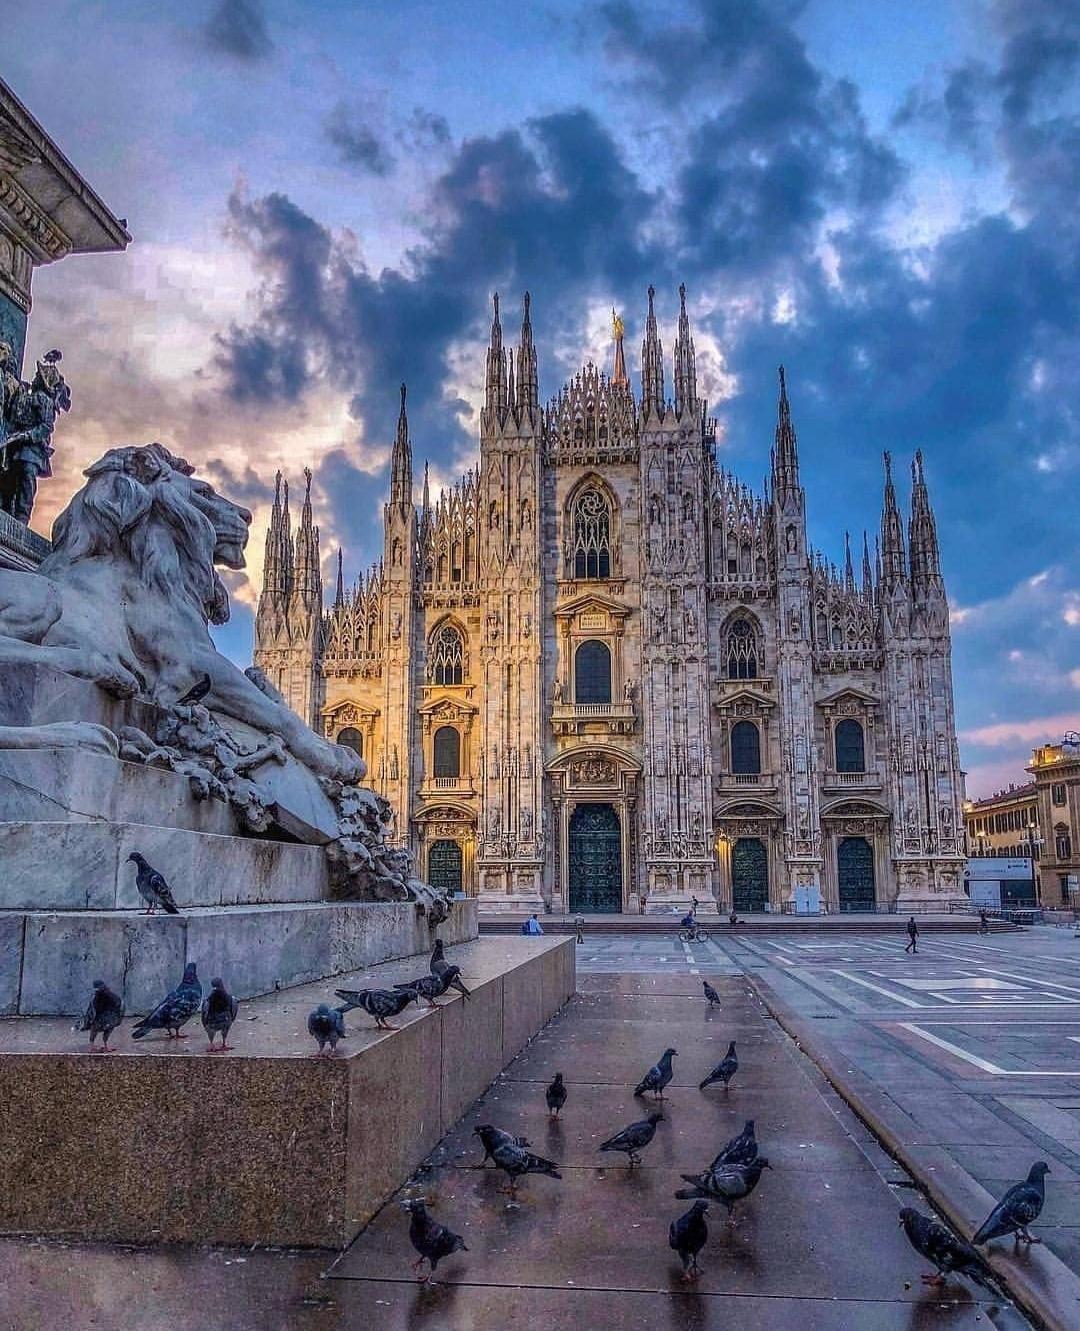 Milano Italy Very Beautiful City Pics Italy Travel Photography Northern Italy Travel Italy Travel